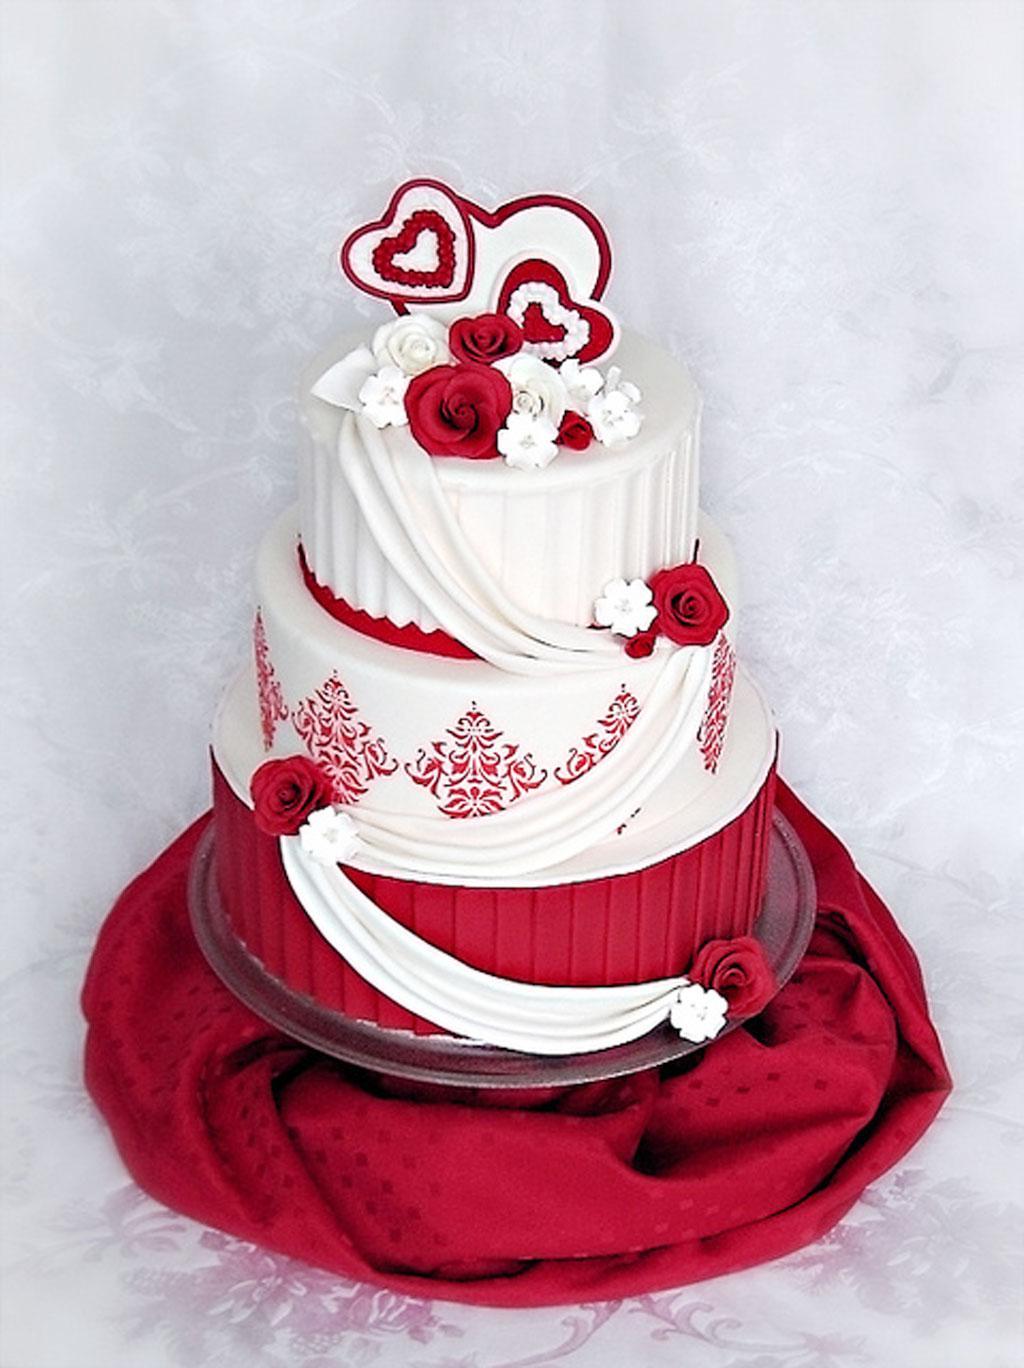 Valentine Wedding Cake Roses Damask Wedding Cake - Cake Ideas by ...